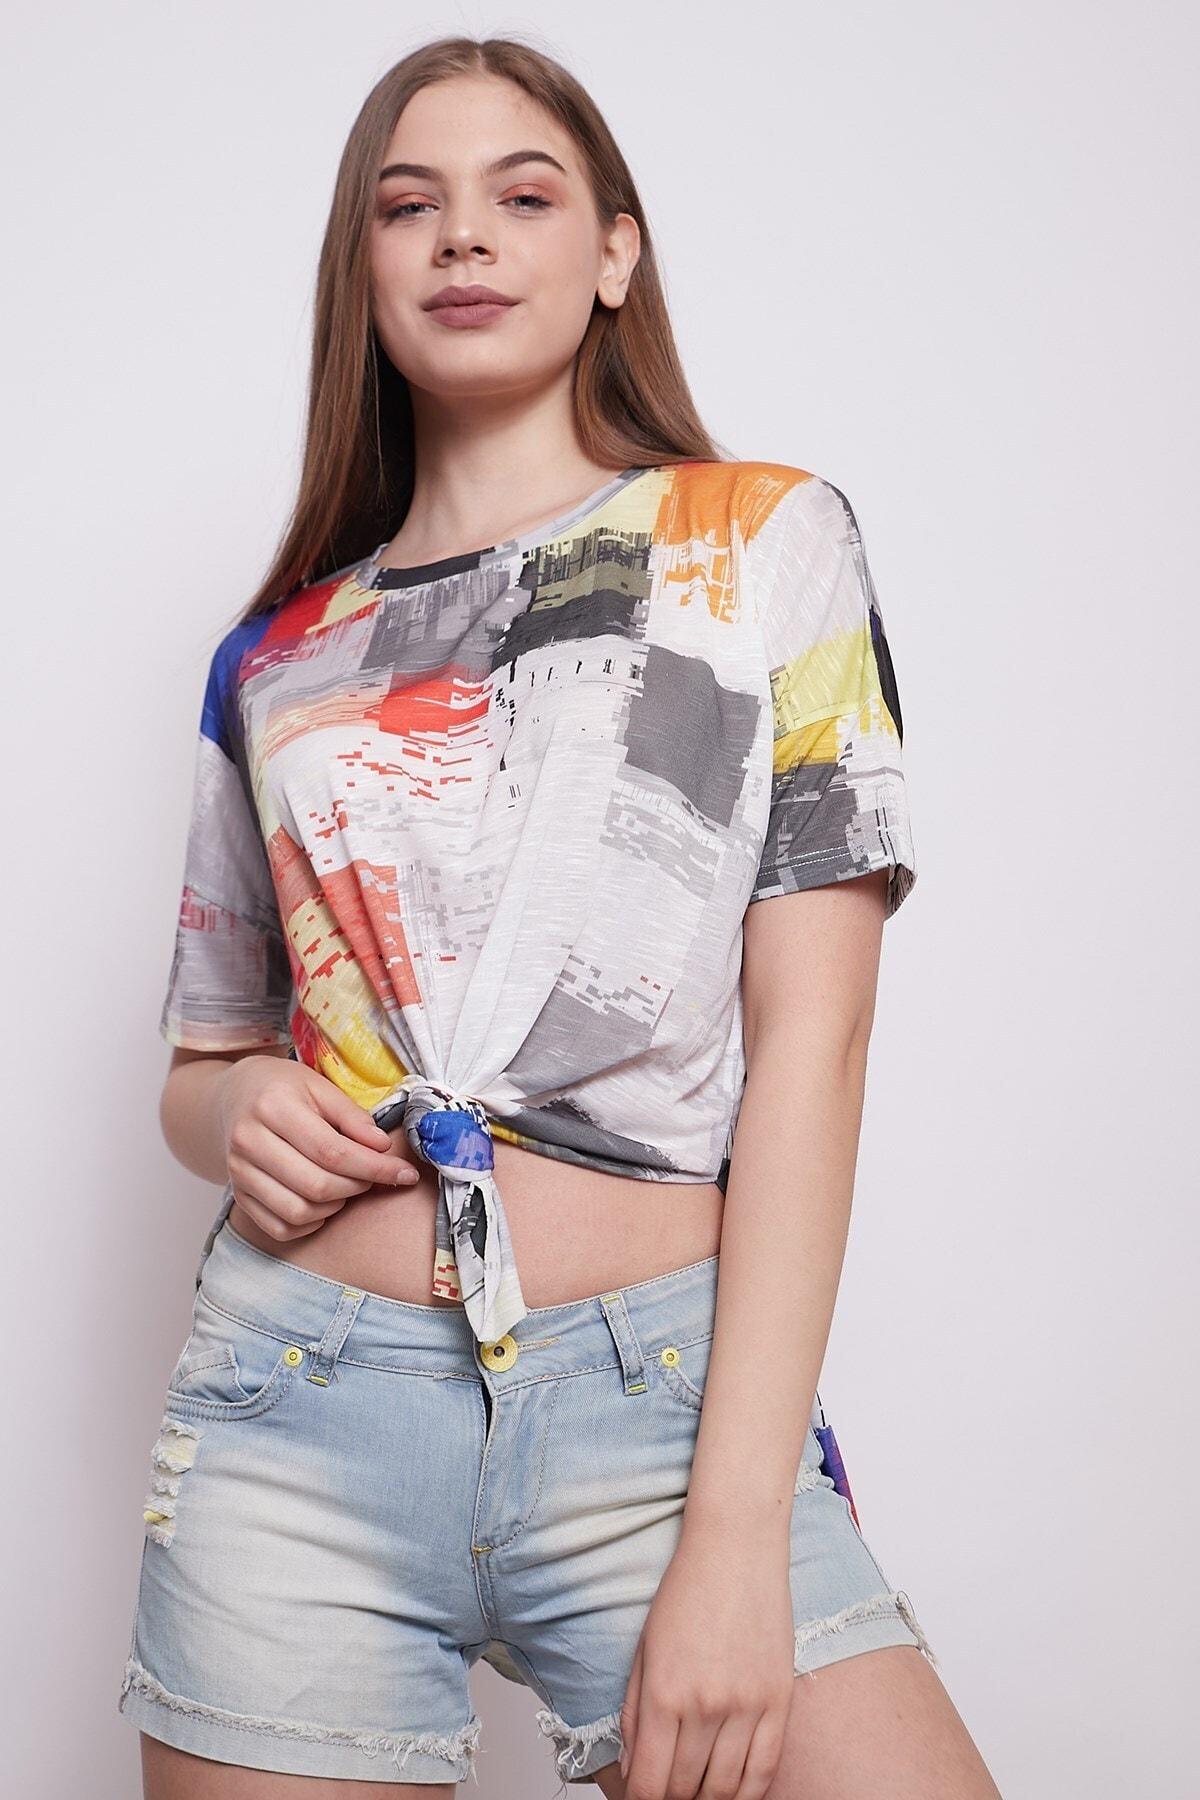 Jument Kadın Geniş Sıfır Yaka Kısa Kol Önden Bağlamalı Yırtmaçlı Rahat Kesim Tshirt 1